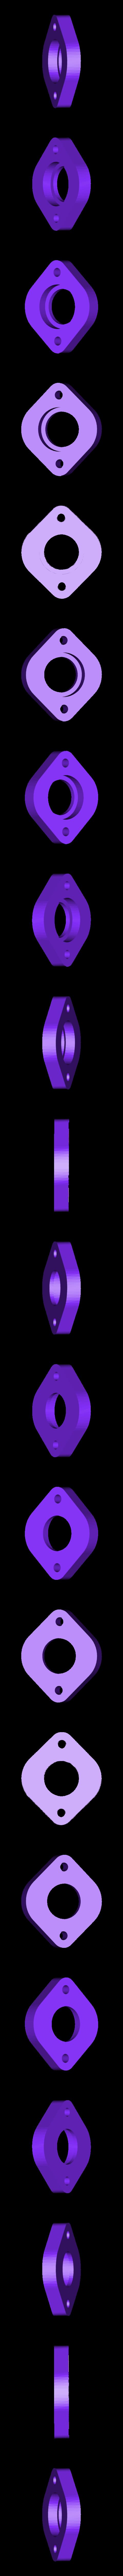 OpenRC_F1_250scaled_-_Part2-1.STL Télécharger fichier STL gratuit OpenRC F1 250% scaled • Design imprimable en 3D, colorFabb